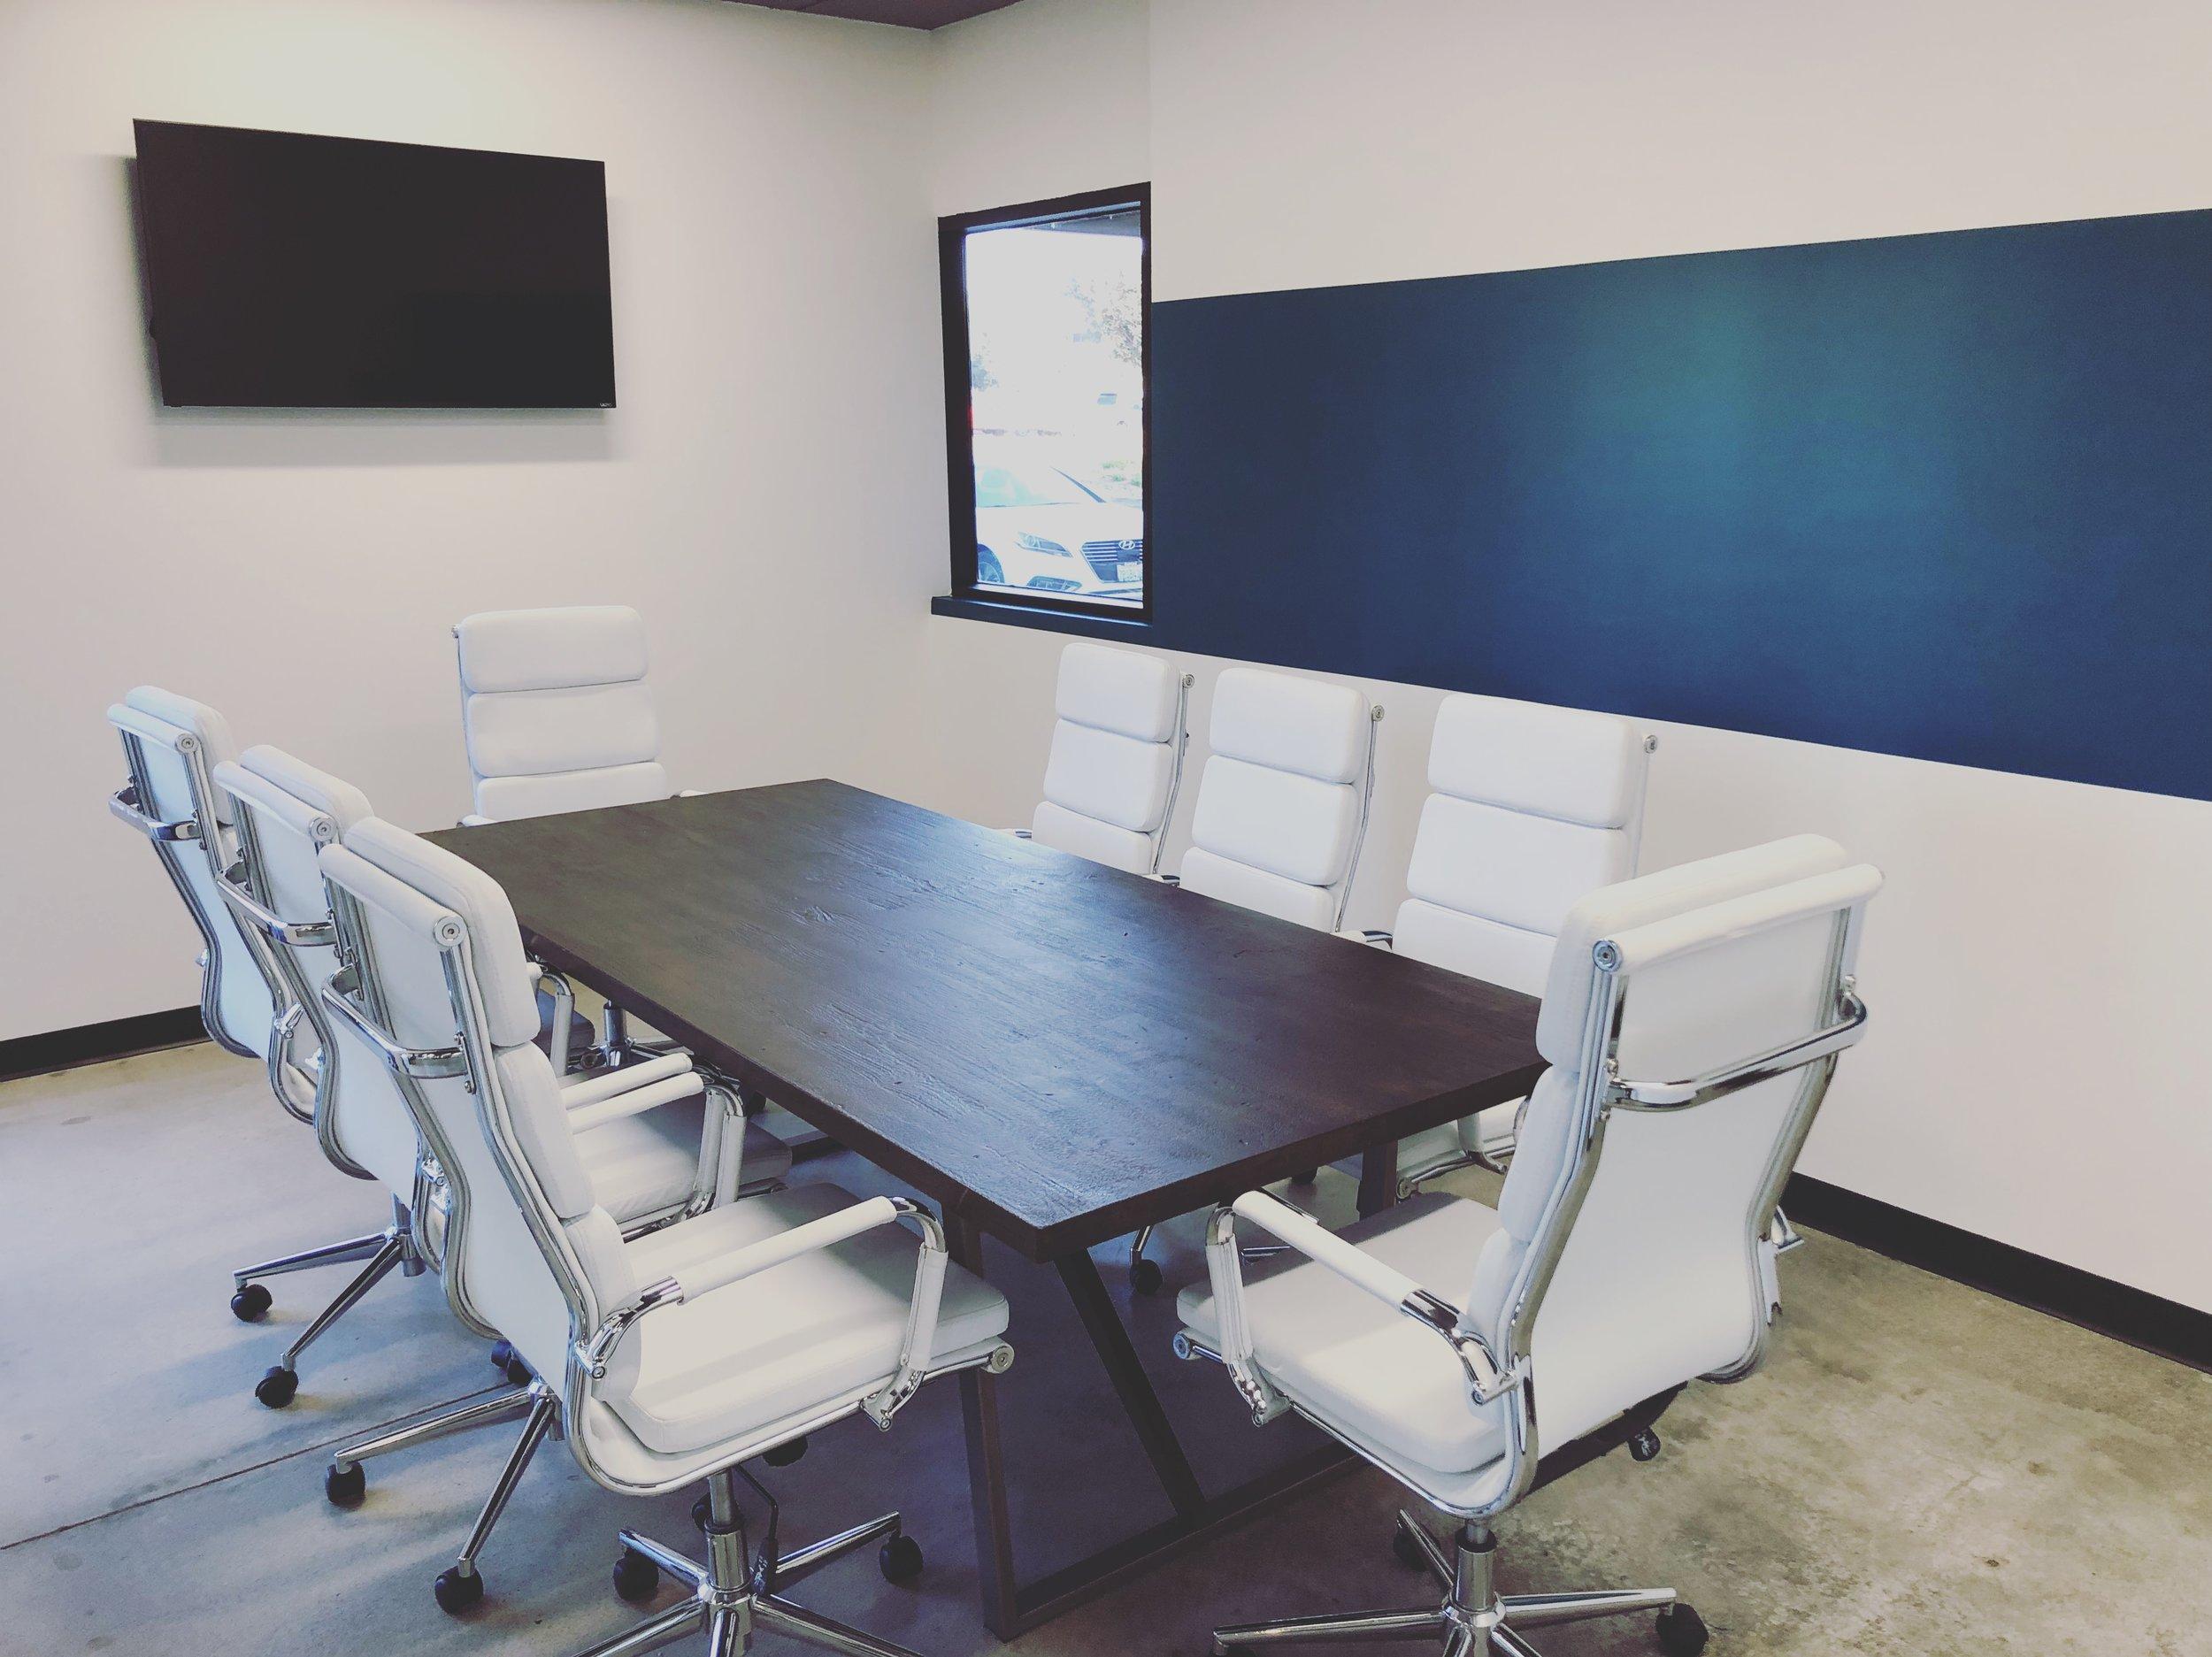 Meeting Space in Carlsbad